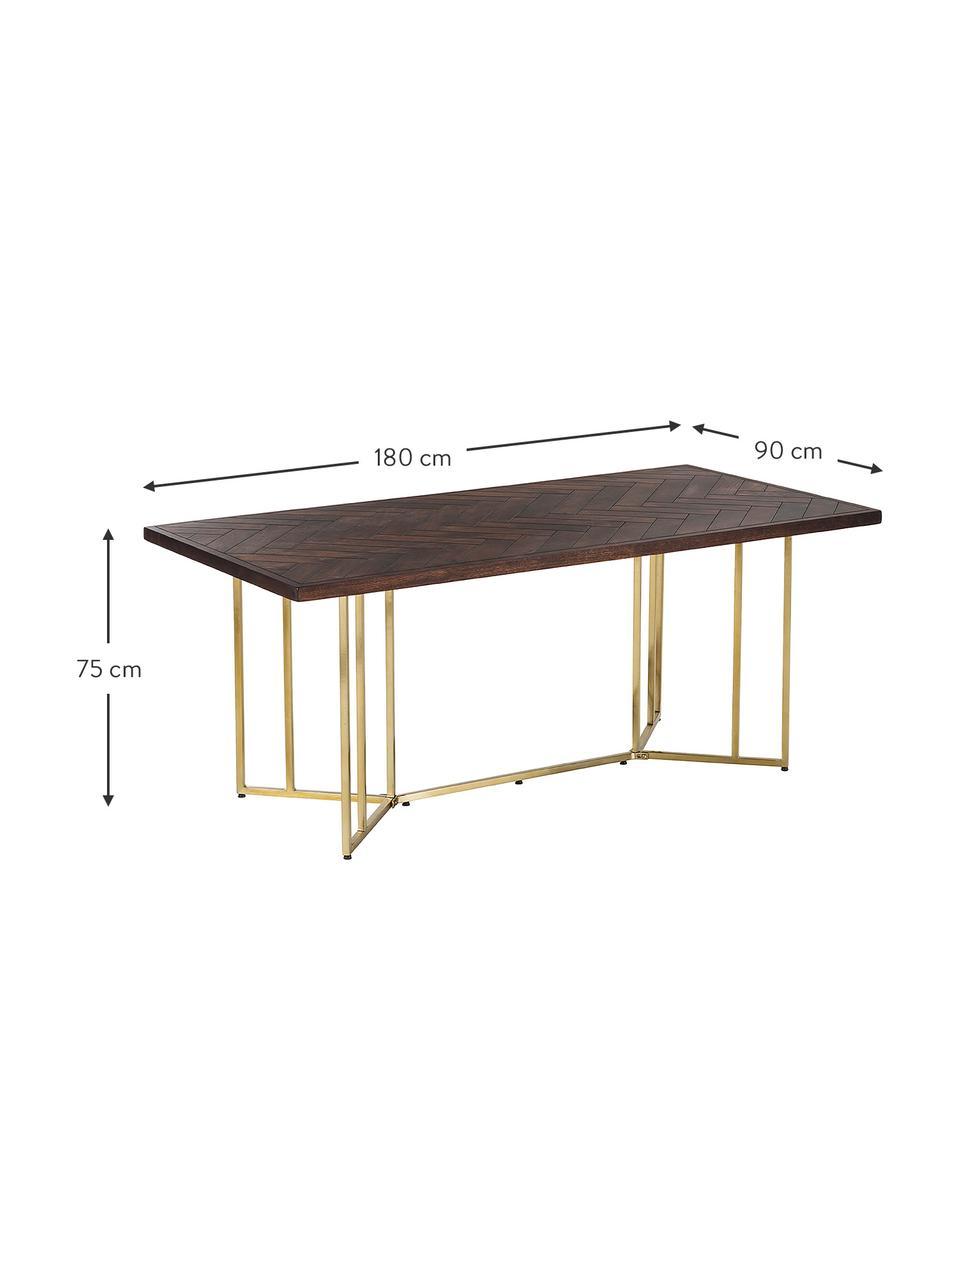 Stół do jadalni z litego drewna w jodełkę Luca, Blat: lite drewno mangowe, laki, Stelaż: metal powlekany, Blat: drewno mangowe, lakierowane na ciemno Stelaż: odcienie złotego, błyszczący, S 180 x G 90 cm